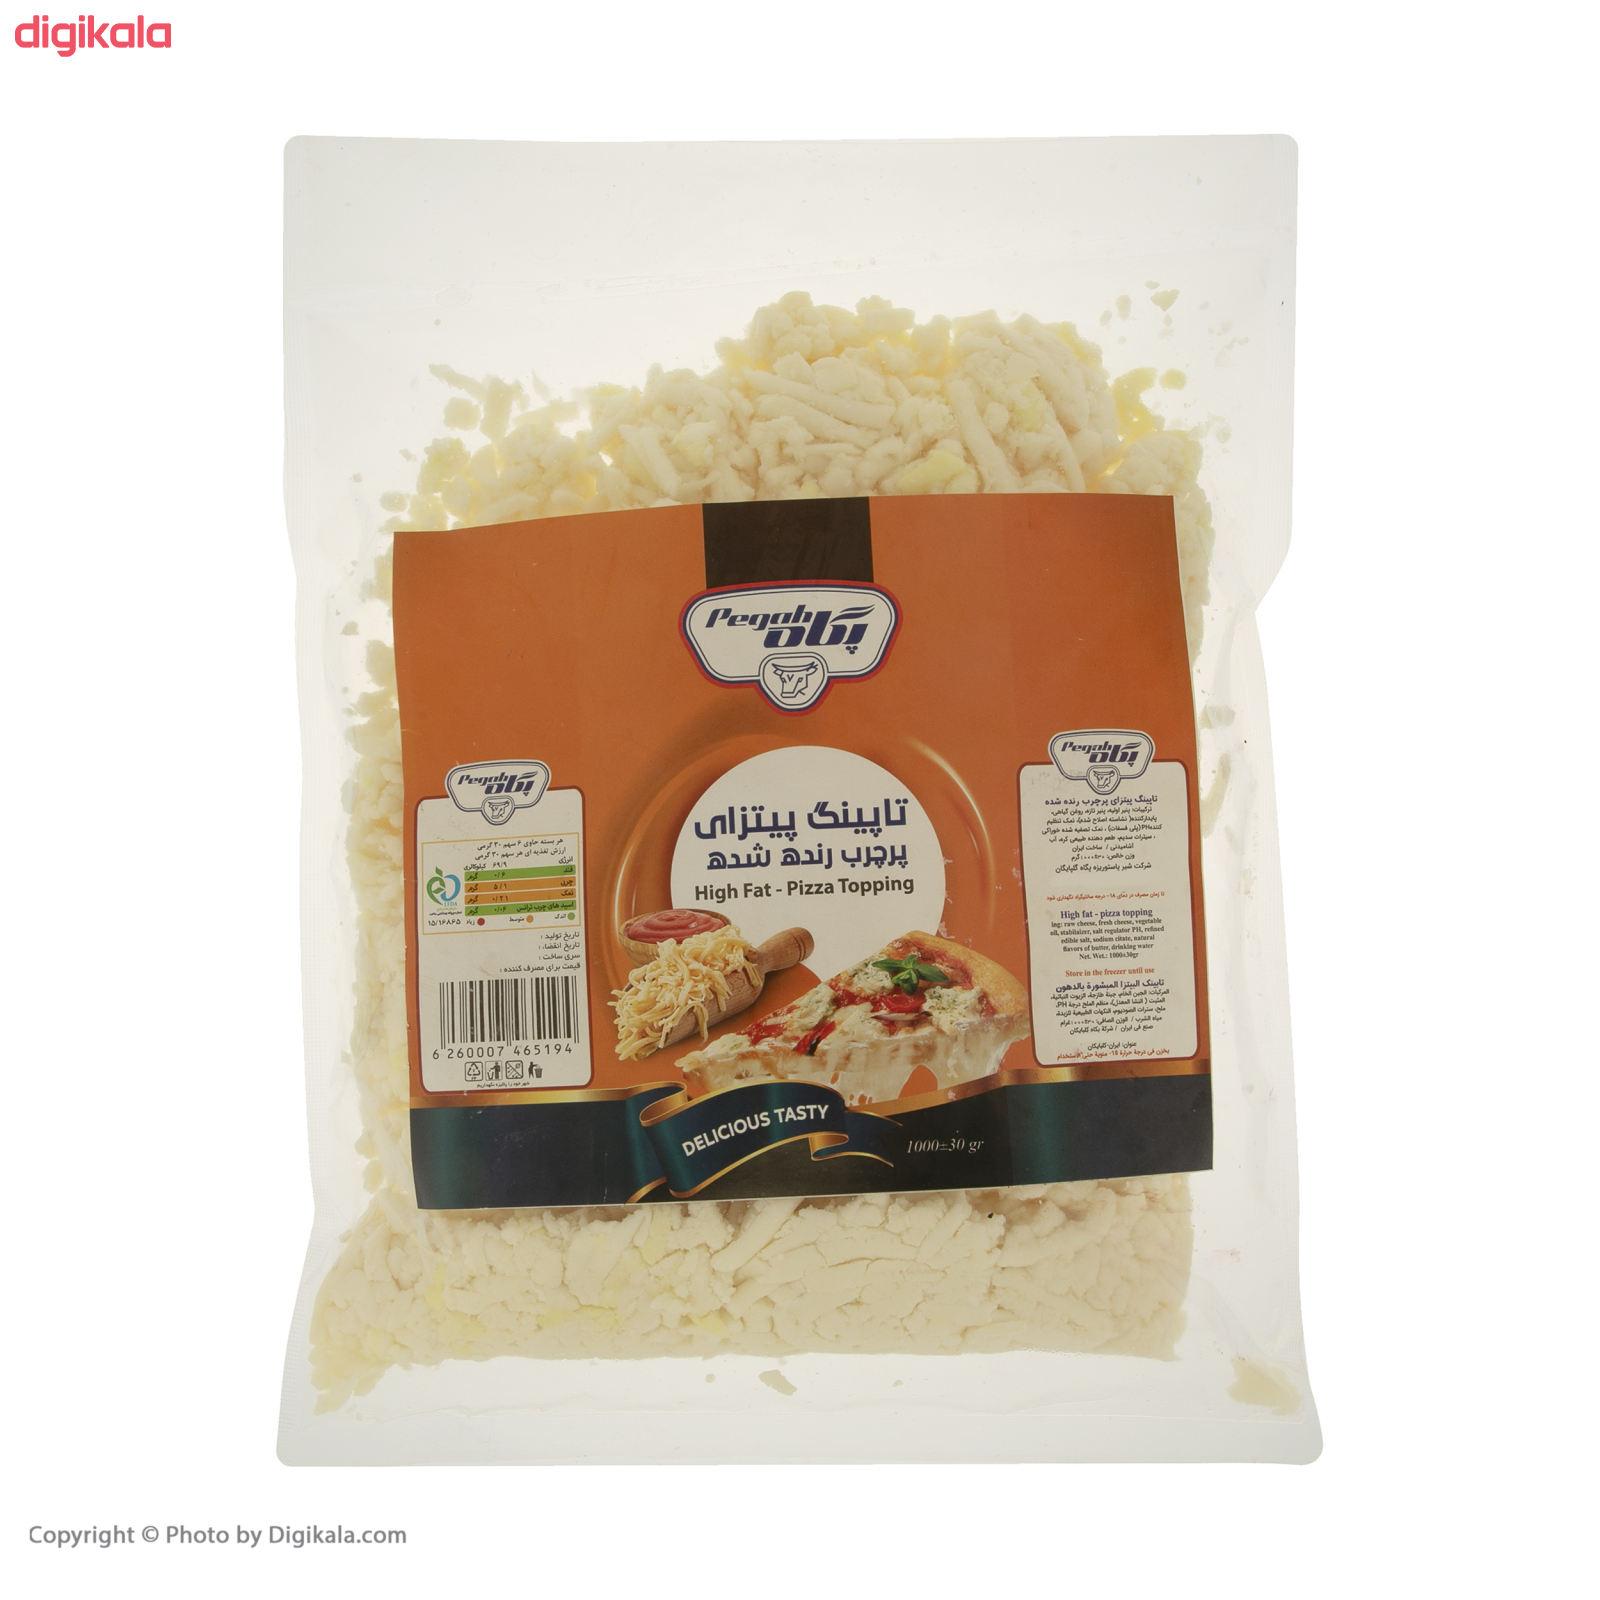 تاپینگ پرچرب پیتزا پگاه - 1 کیلوگرم main 1 2